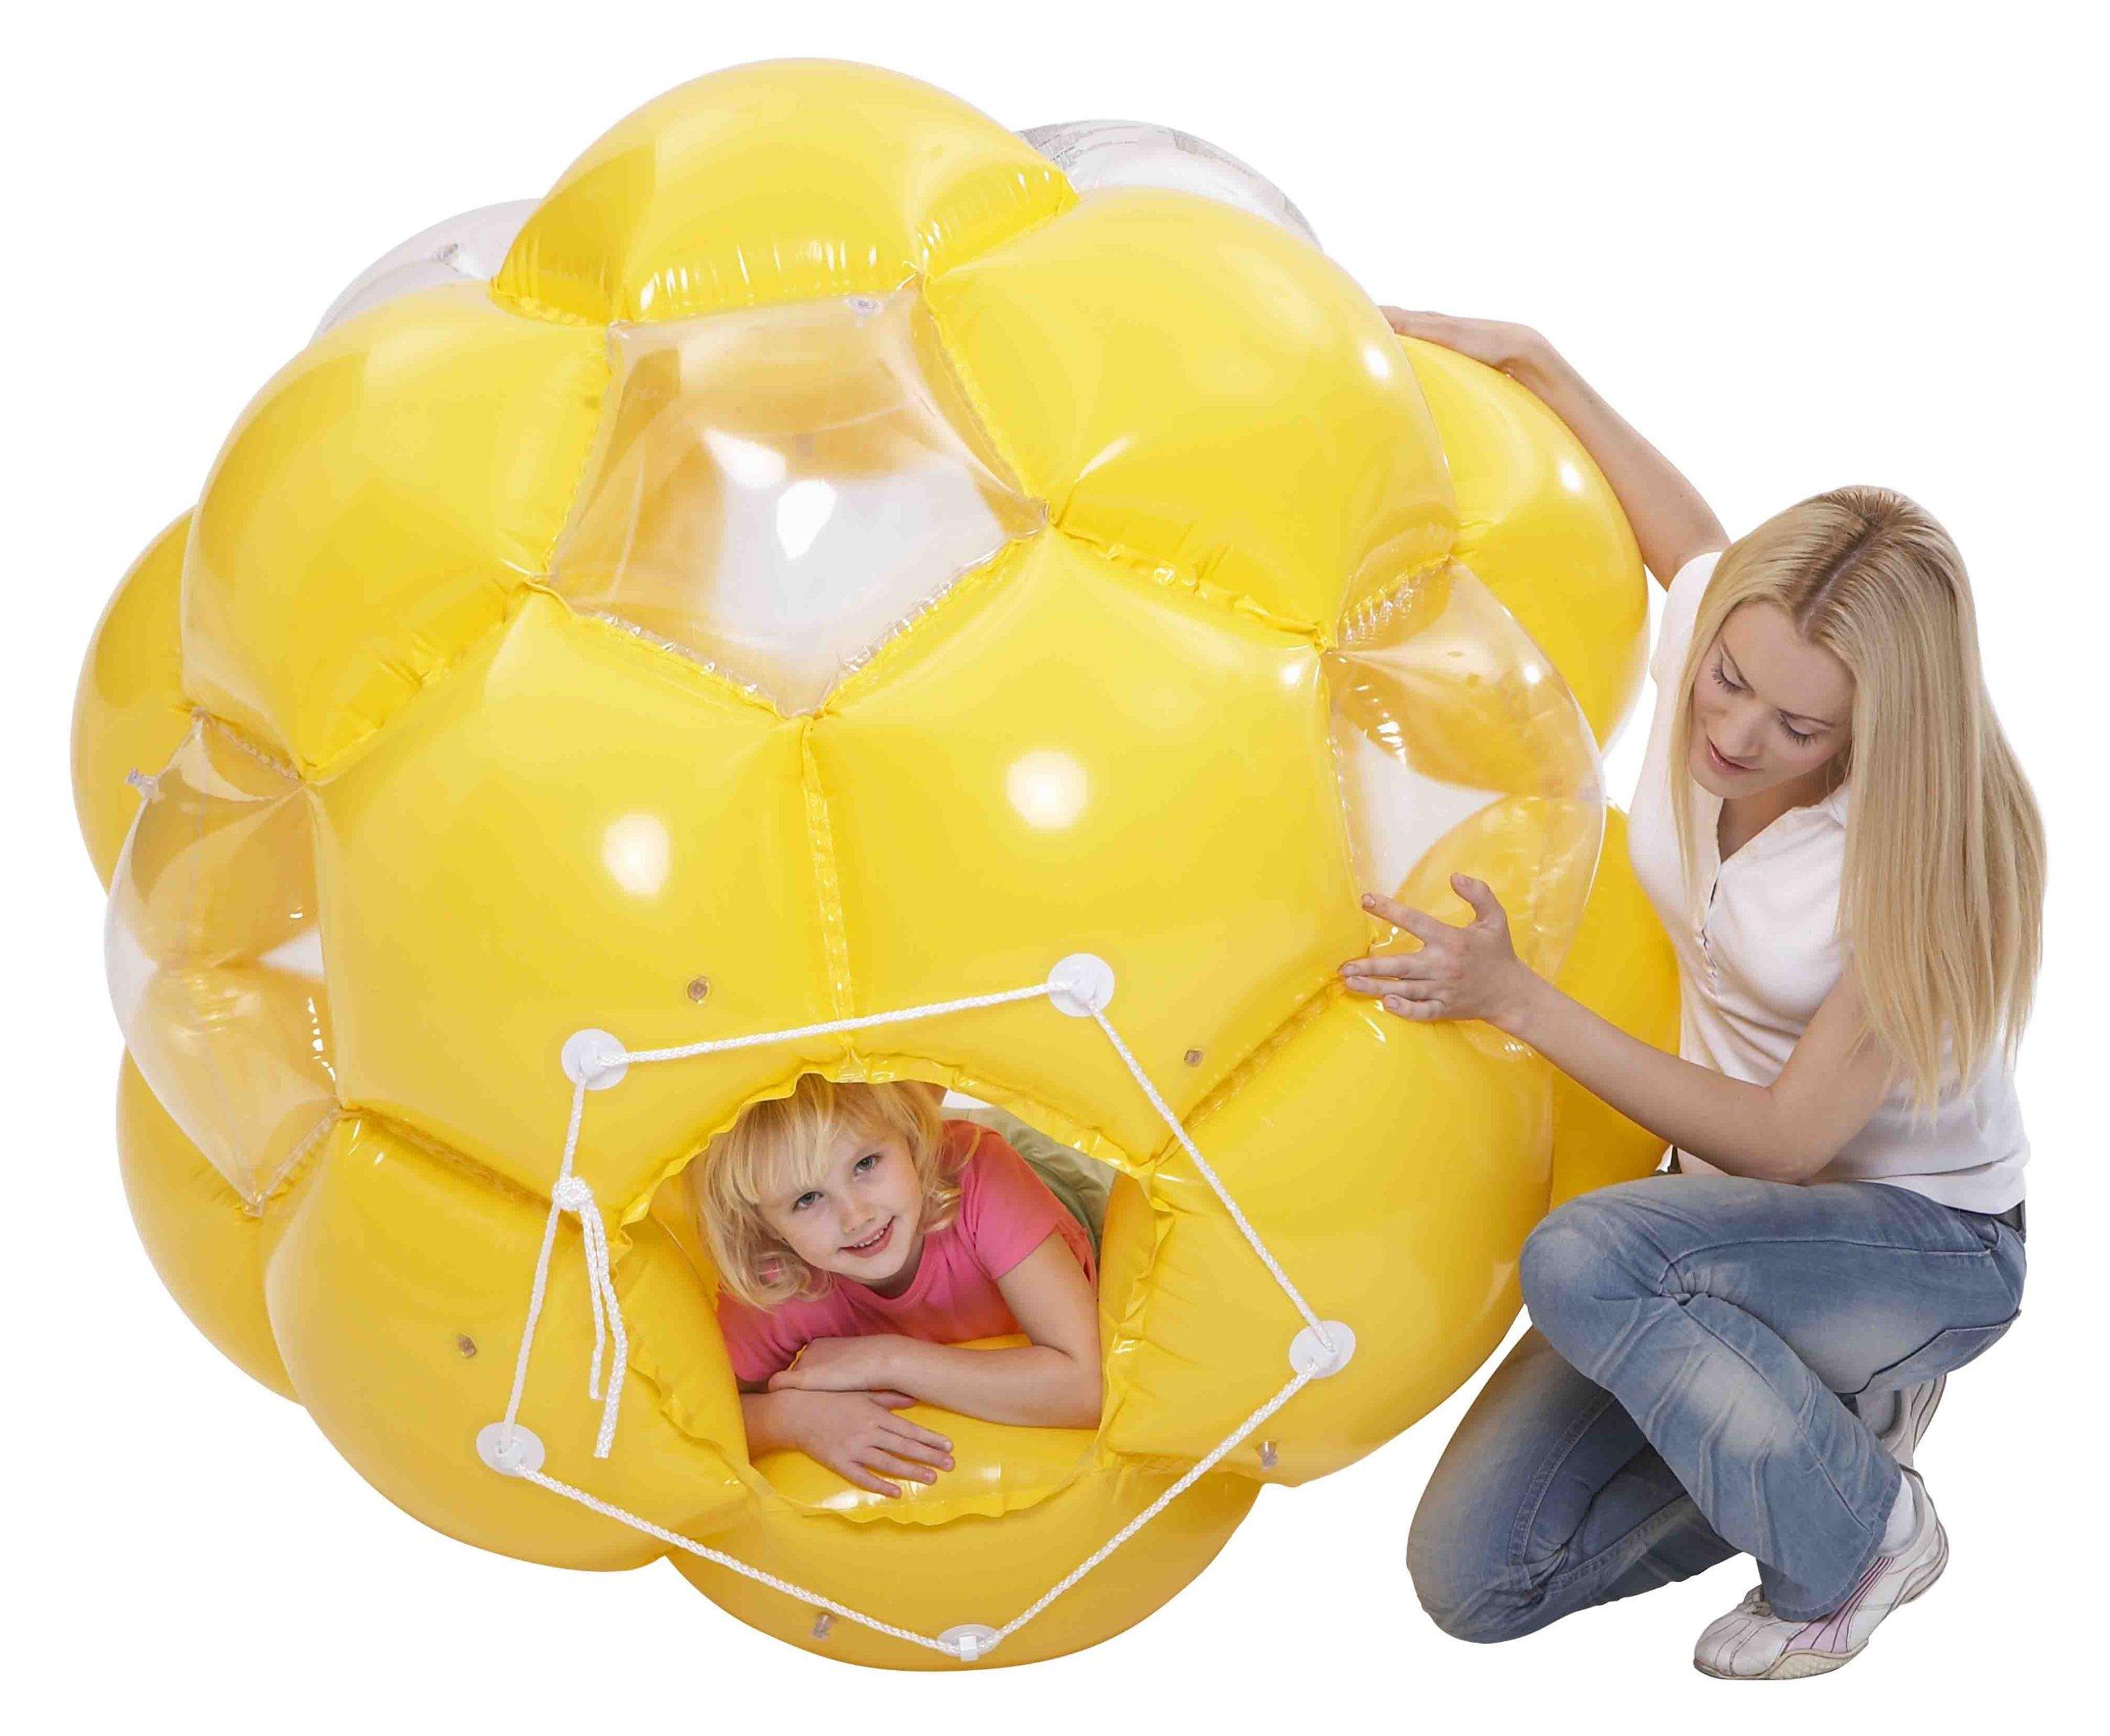 Inflatable Fun Ball - Jumbo 51'' - Giant Crawl Inside Inflatable